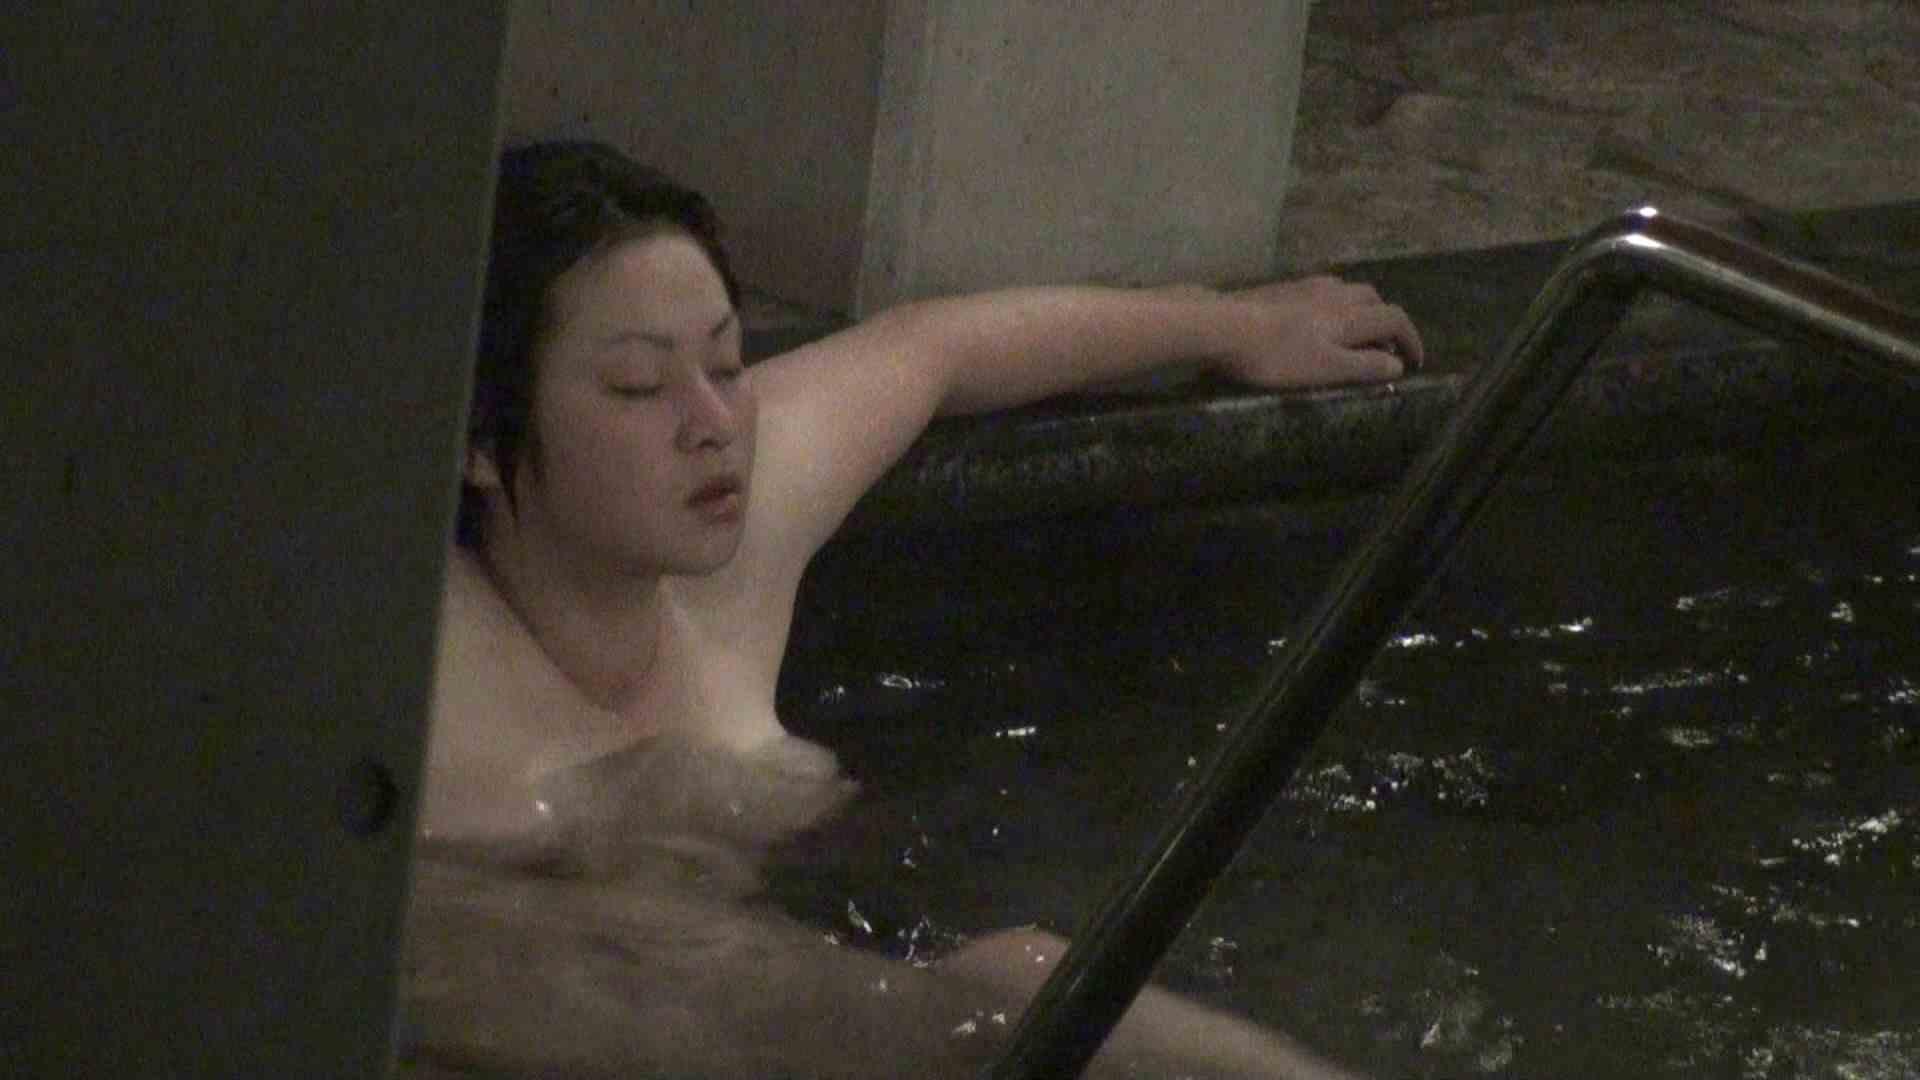 Aquaな露天風呂Vol.338 0   0  101pic 66